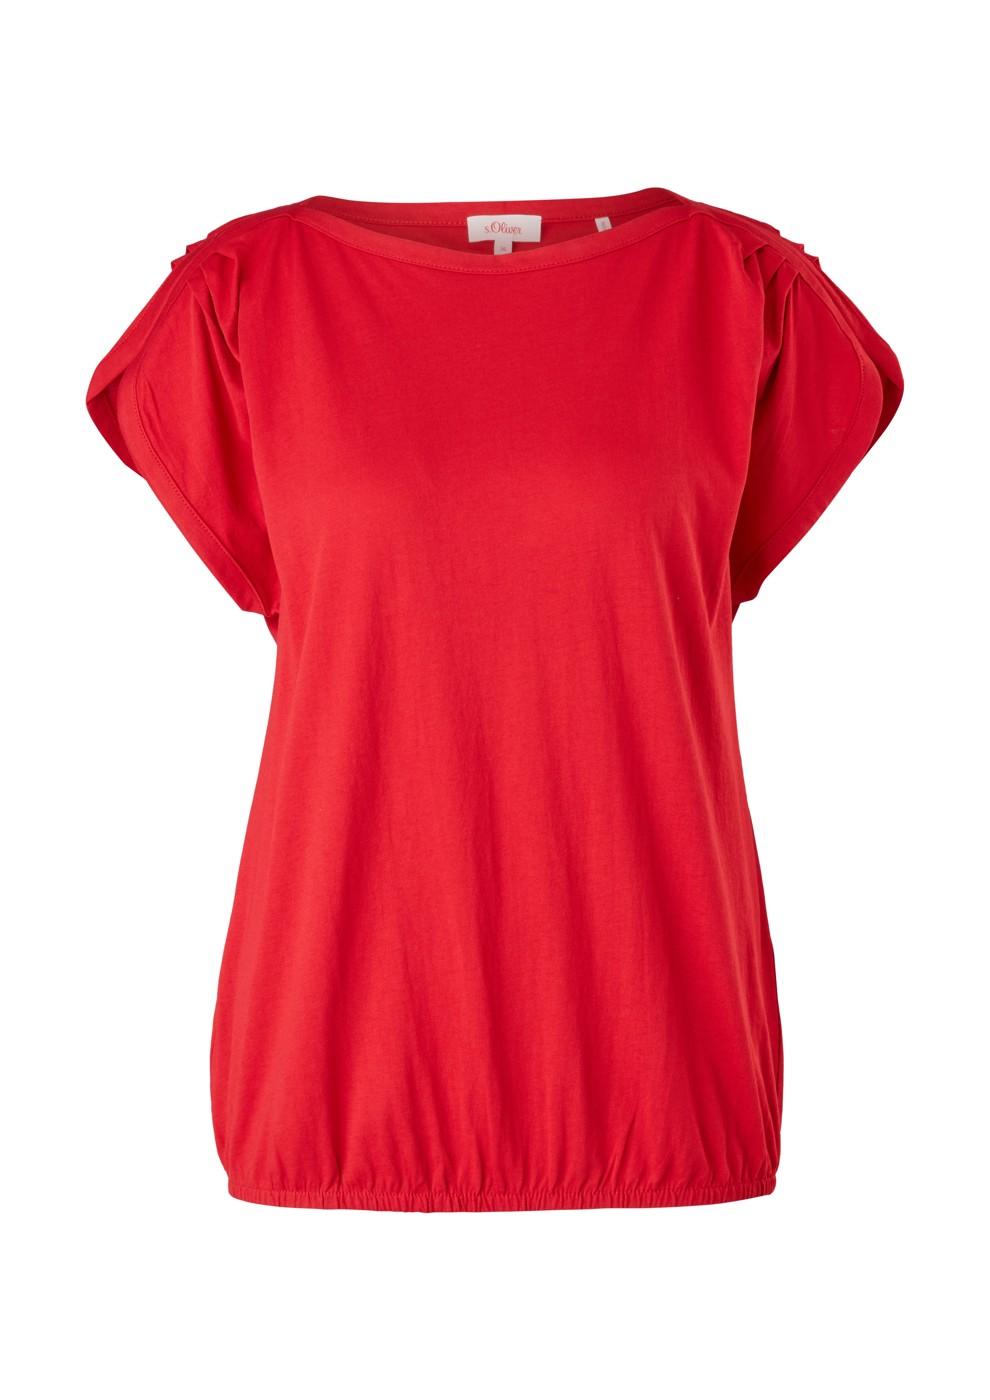 120 T-Shirt kurzarm - Damen